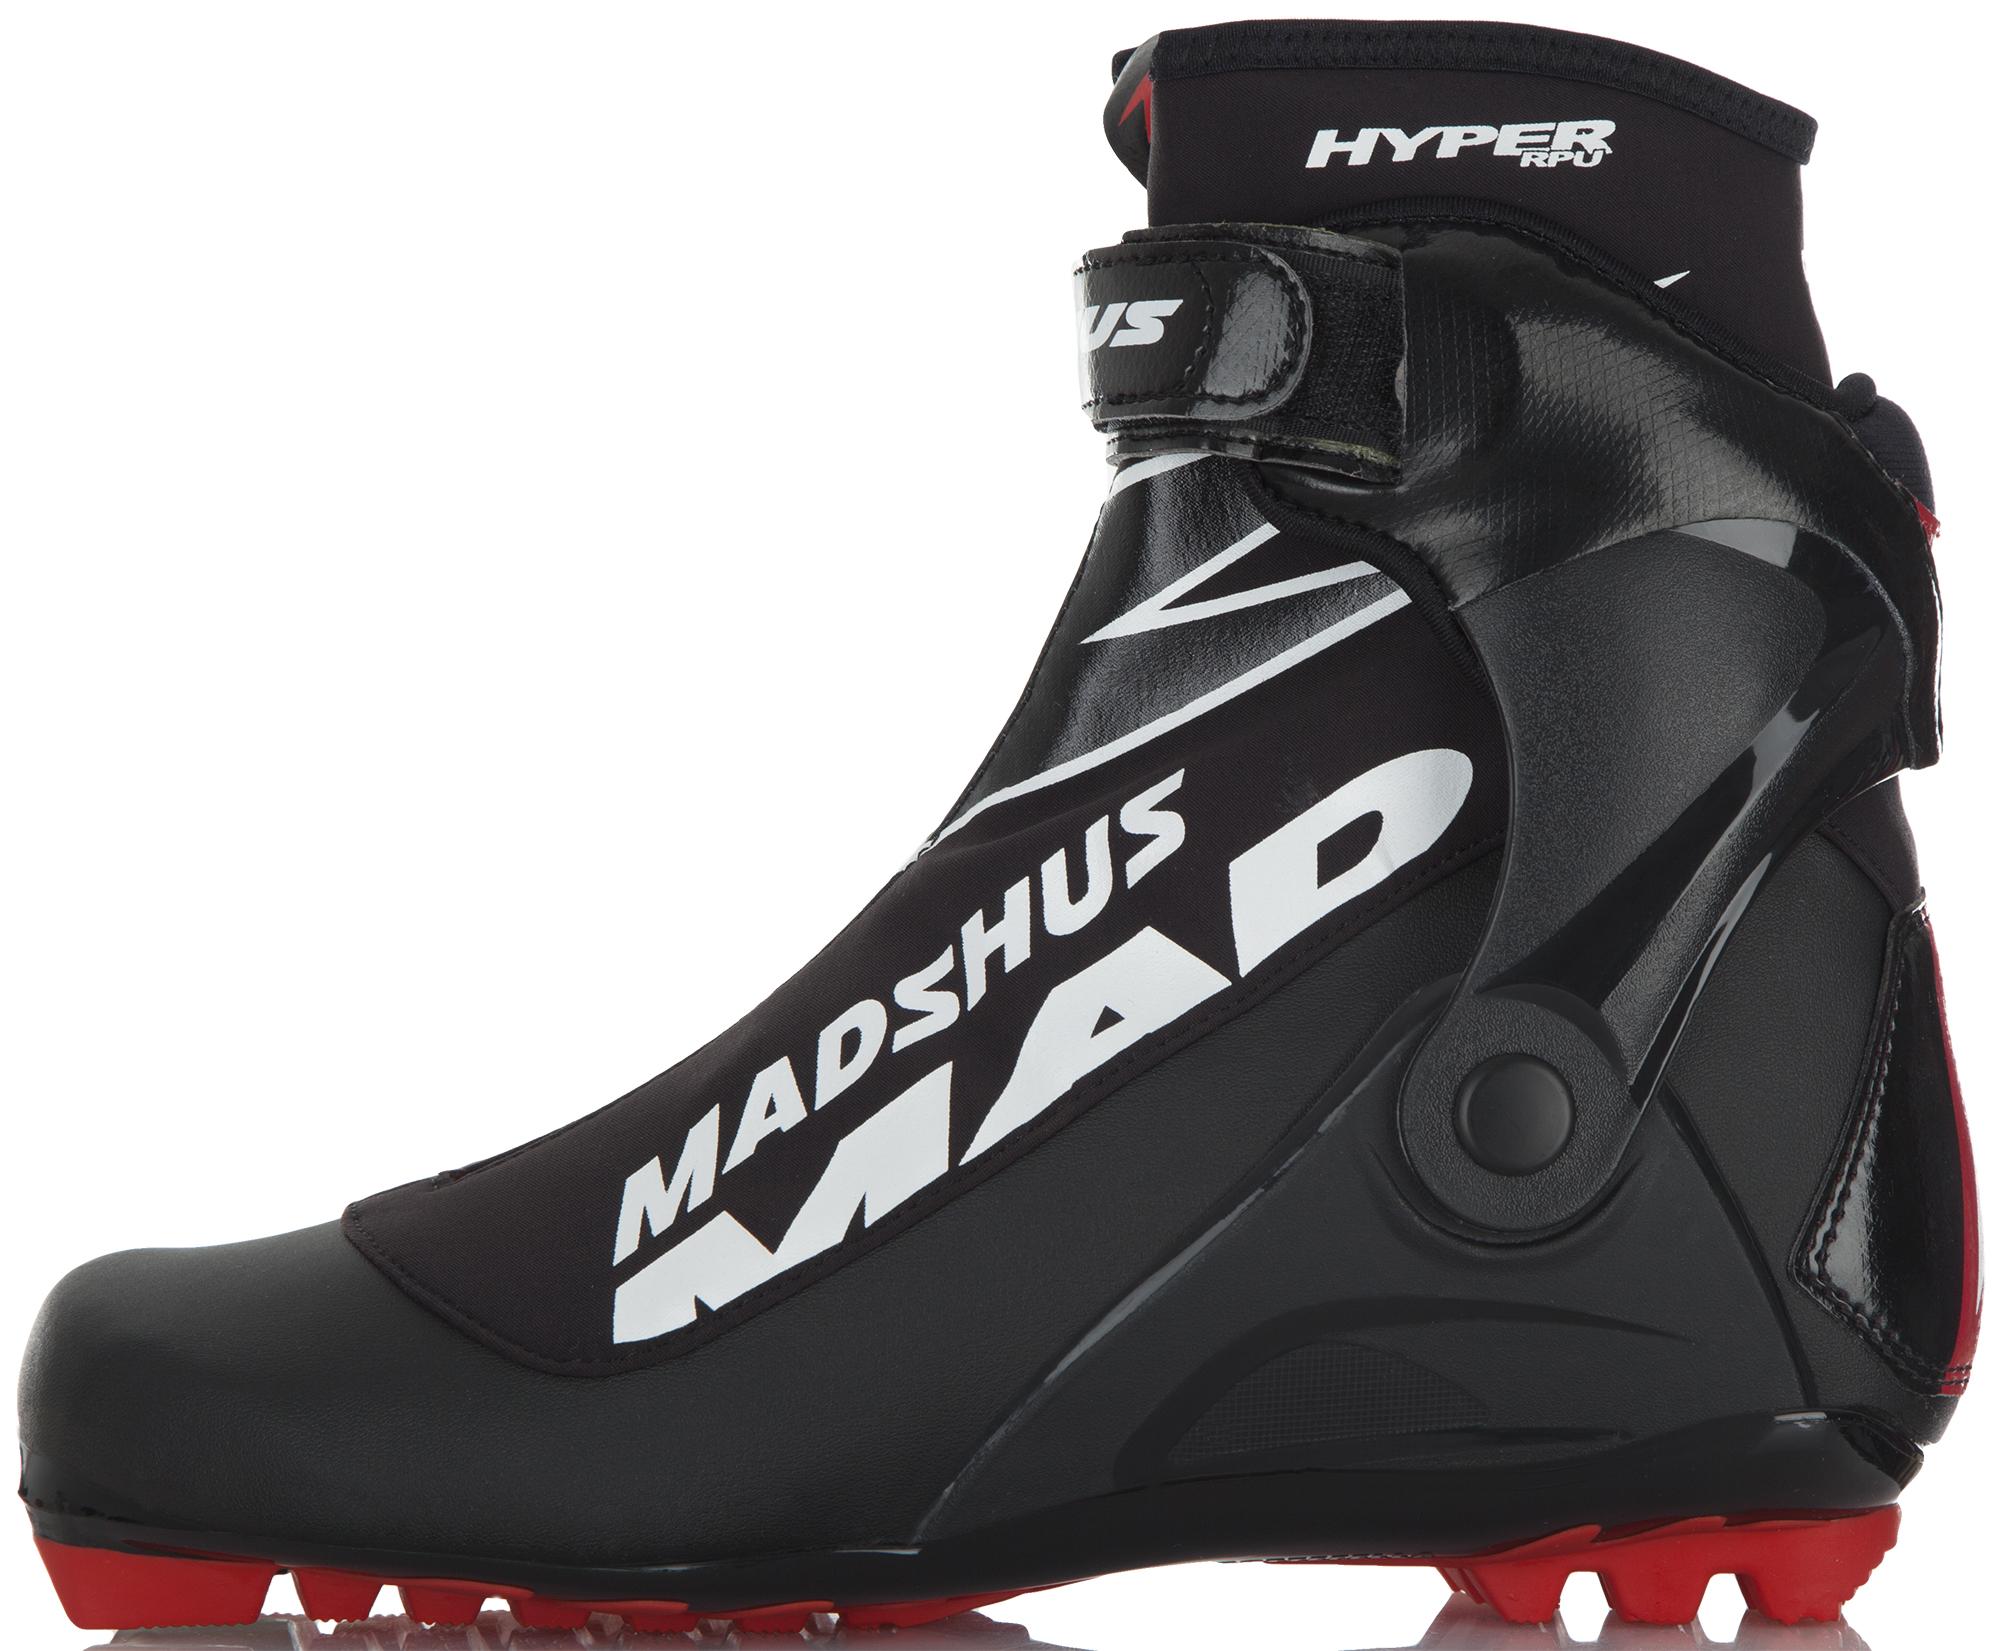 Madshus Ботинки для беговых лыж Madshus Hyper RPU ботинки для горных лыж в украине